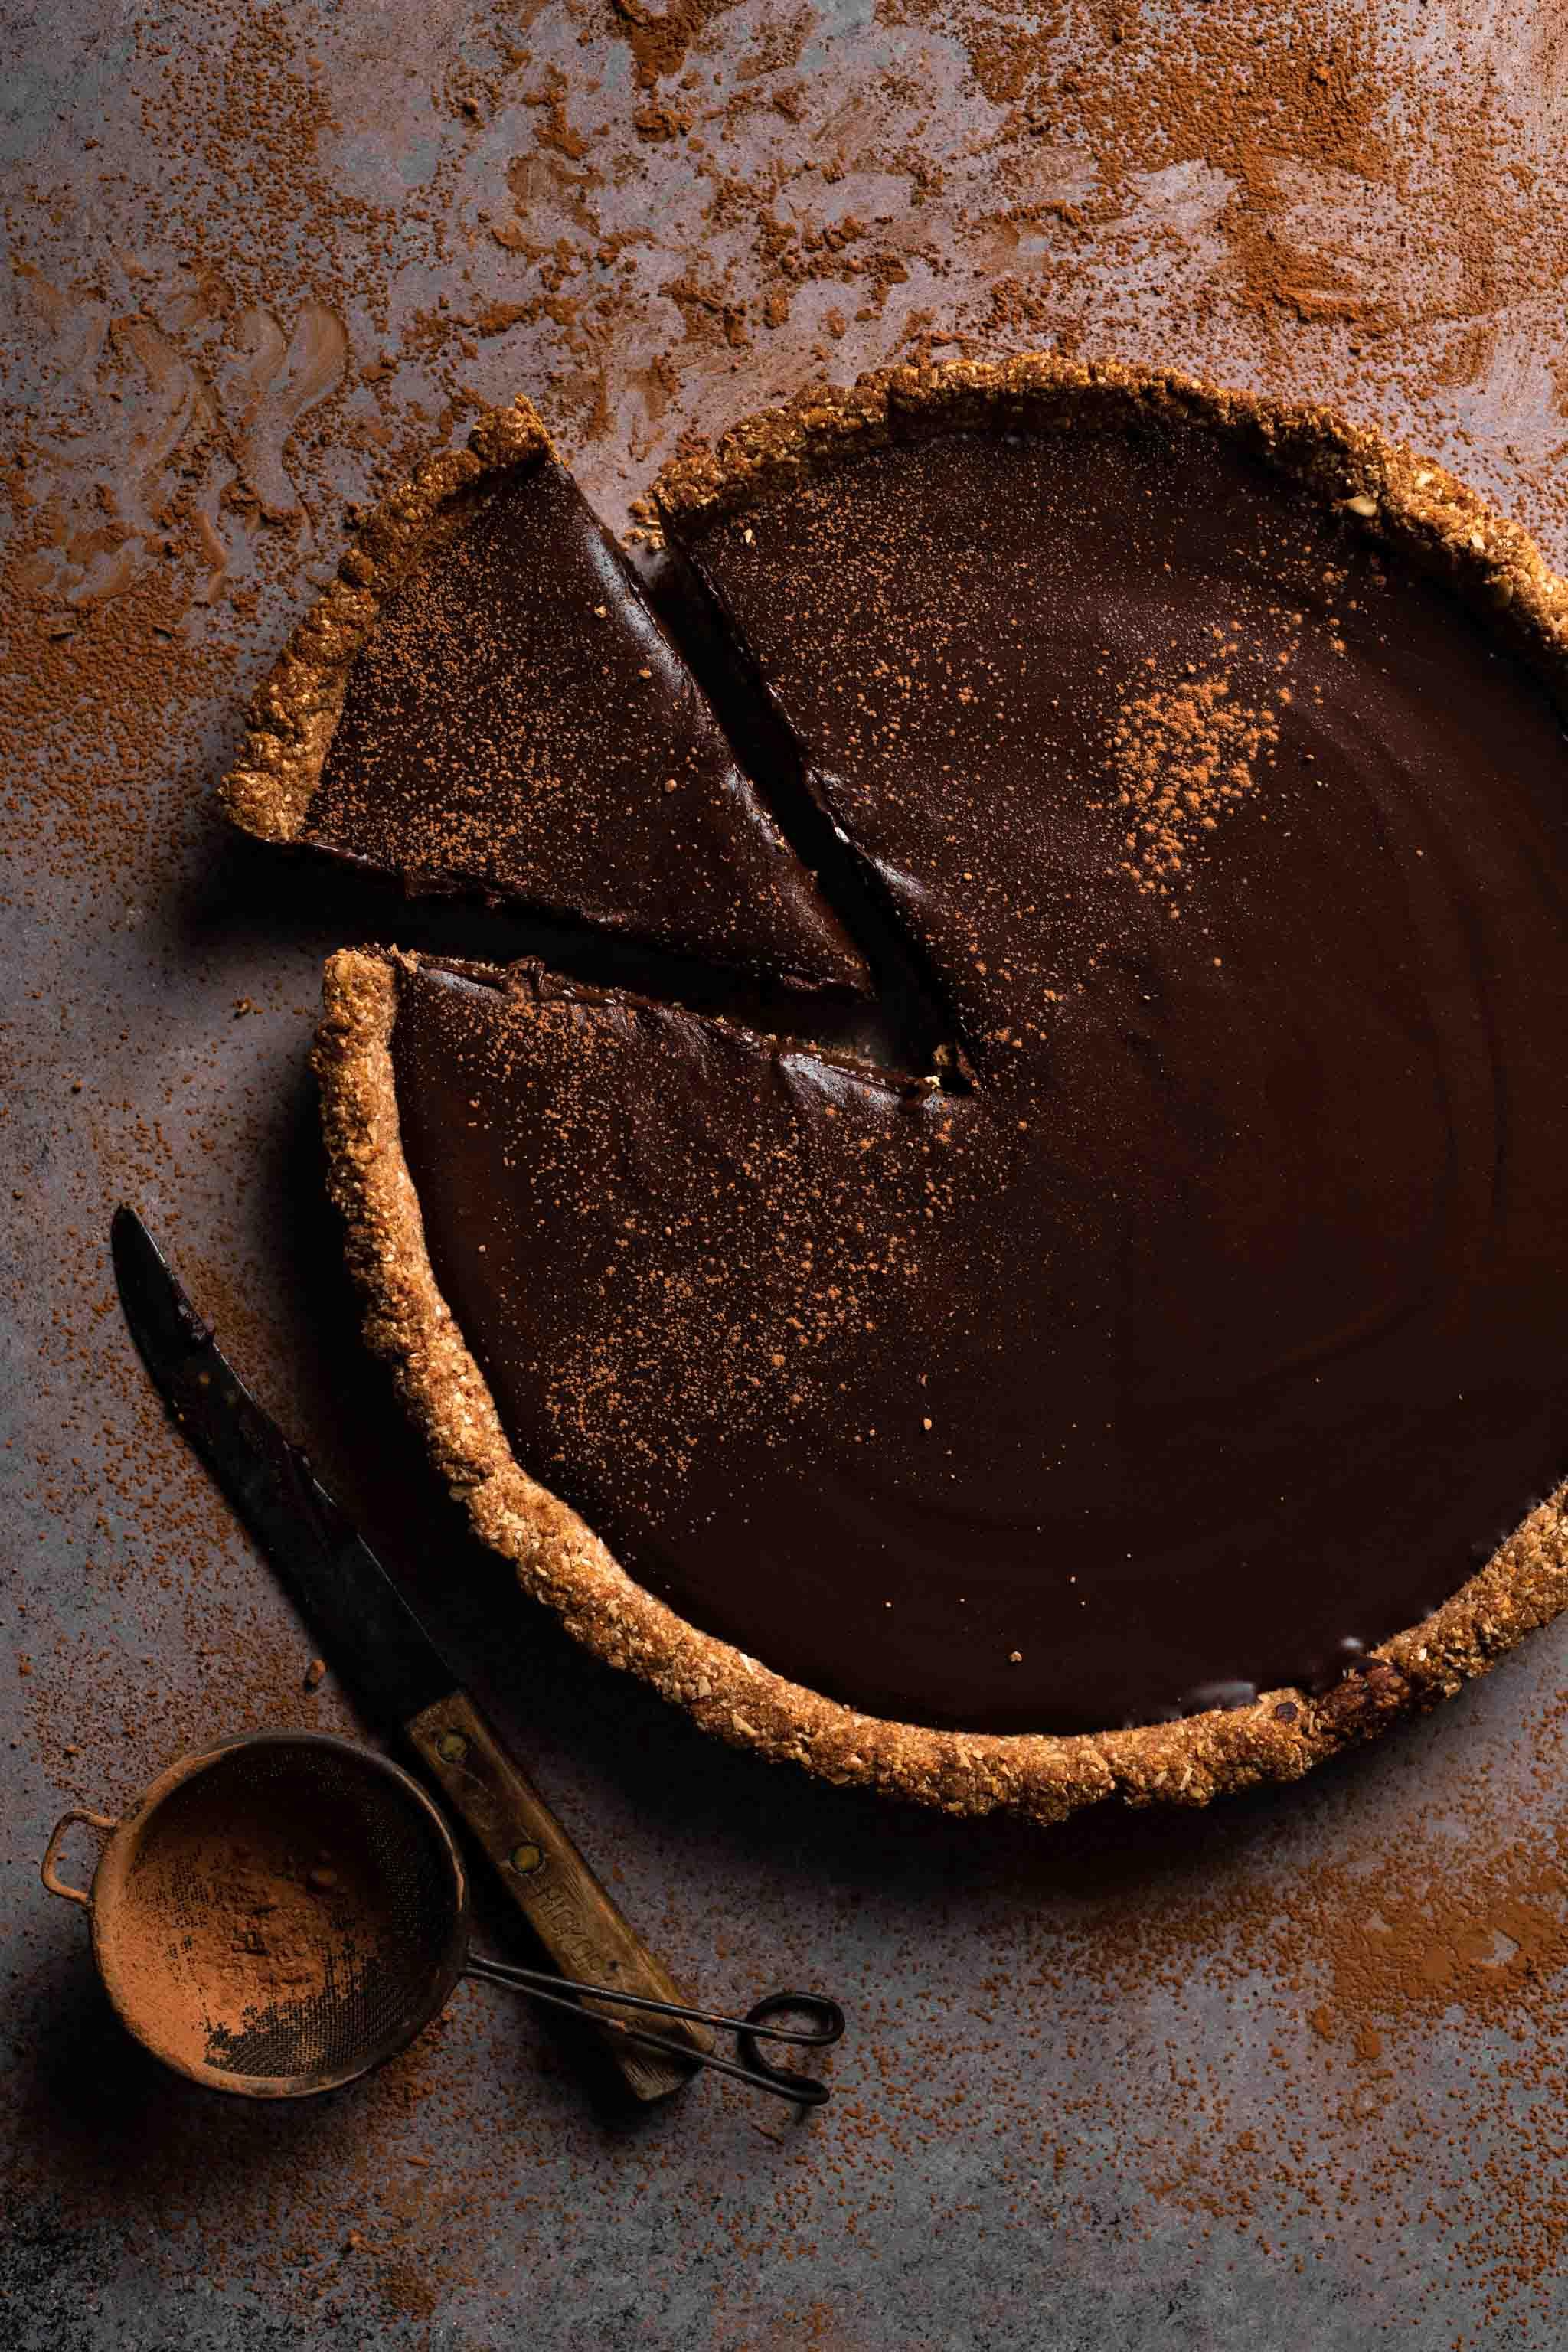 Chocolate Tart Recipe with chocolate ganache